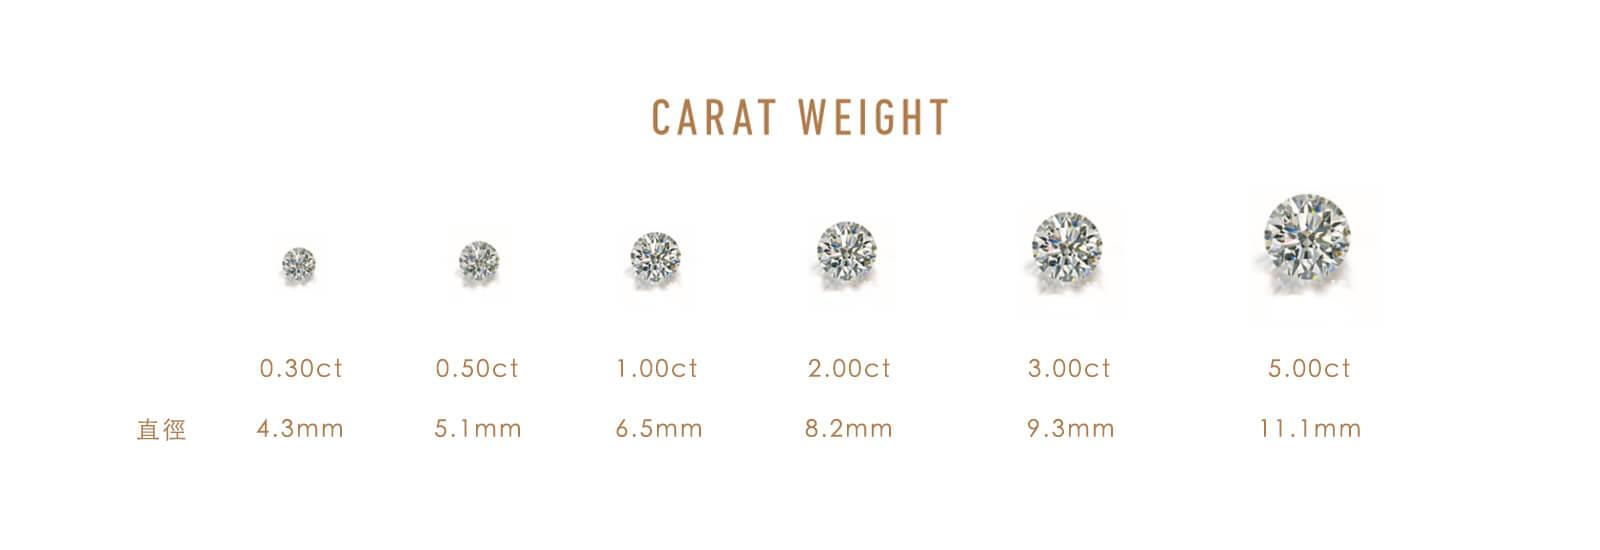 4C carat